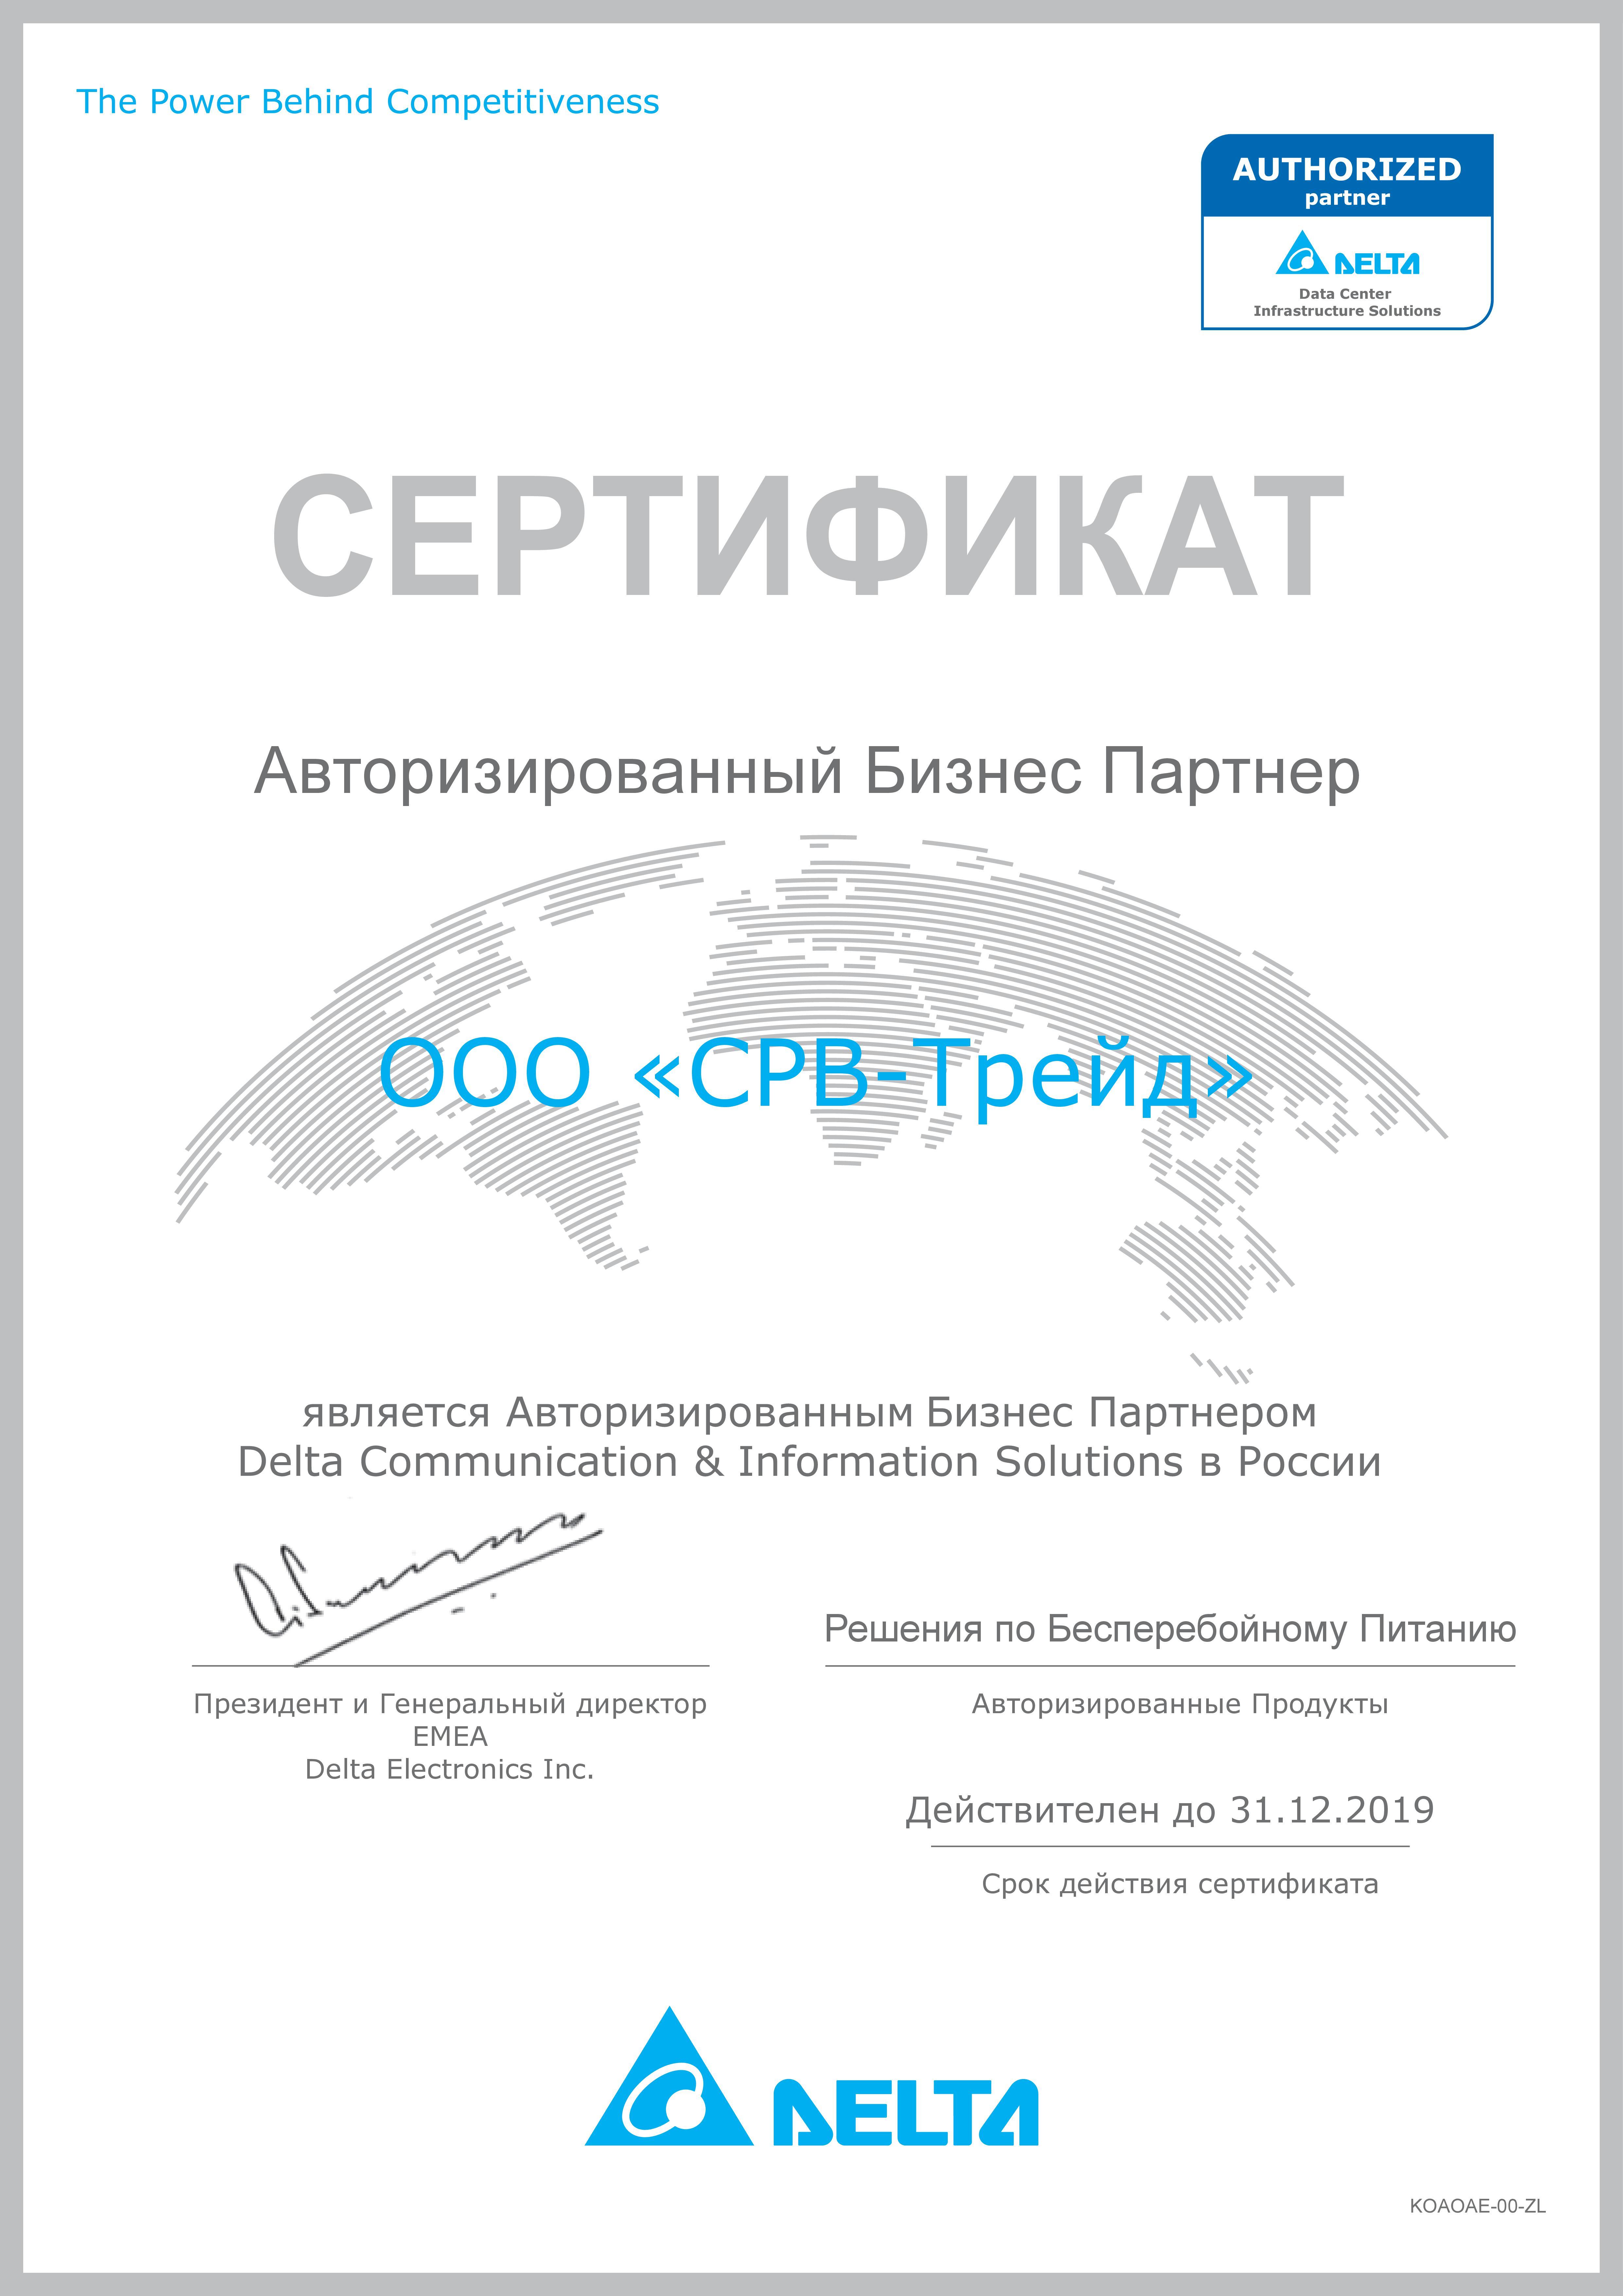 Сертификат партнера Delta